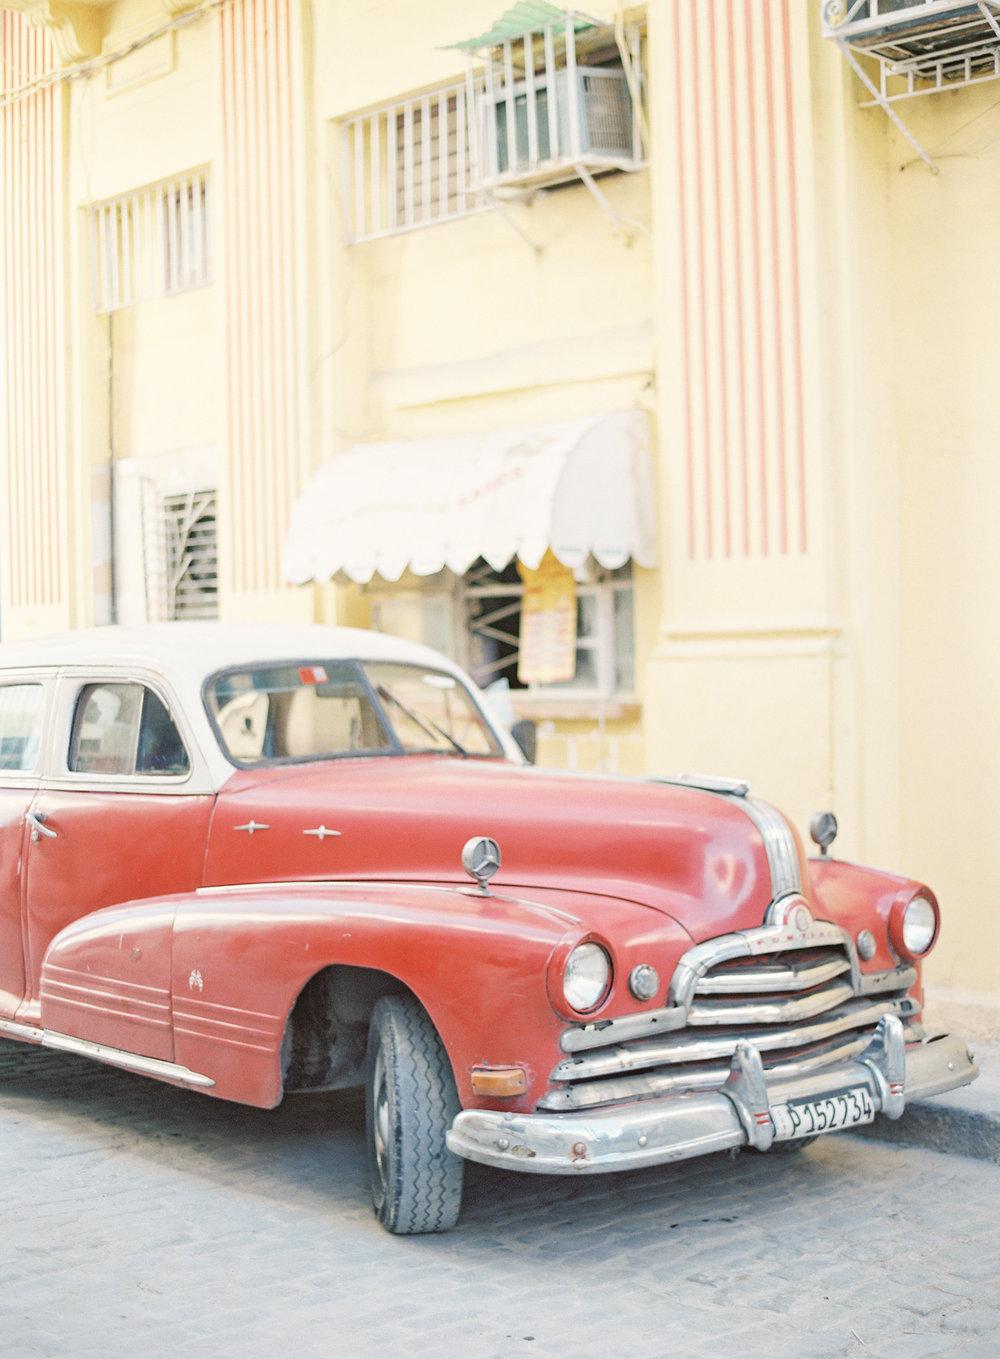 JenHuang-Cuba2016-7-009437-R1-008.jpg